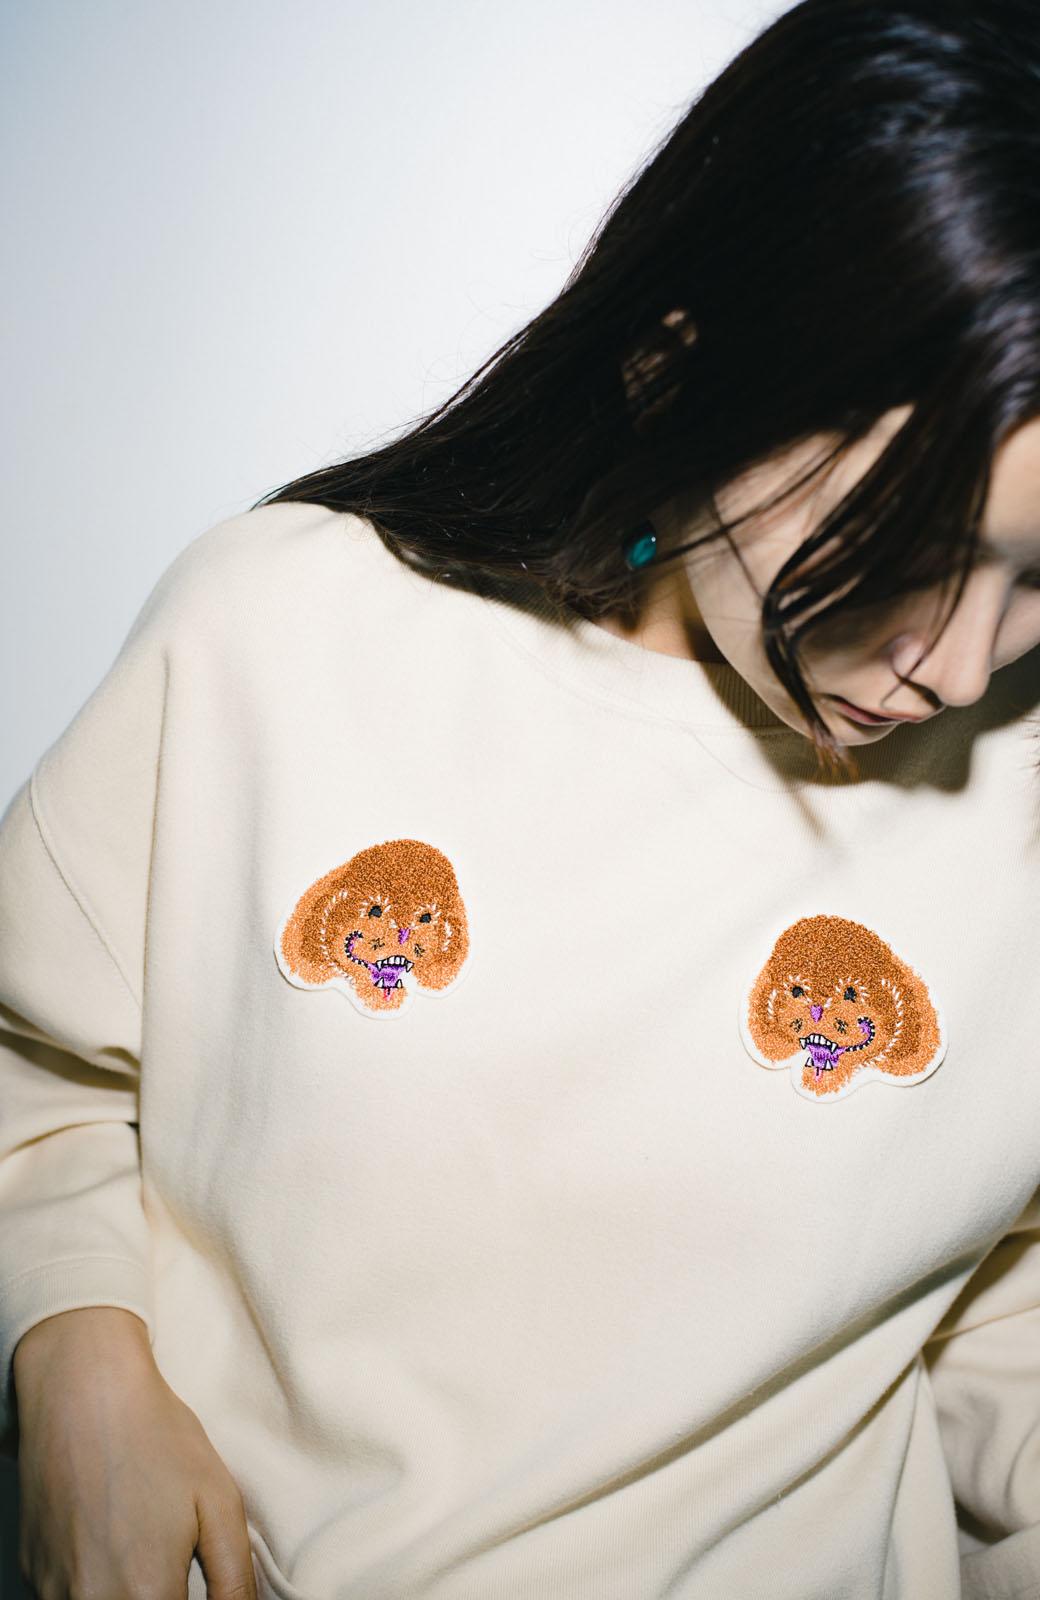 haco! haco! × RBTXCO何色がお好き?プードルちゃんのぷくぷく刺繍ワッペン付きスウェットプルオーバー <オフホワイト>の商品写真16